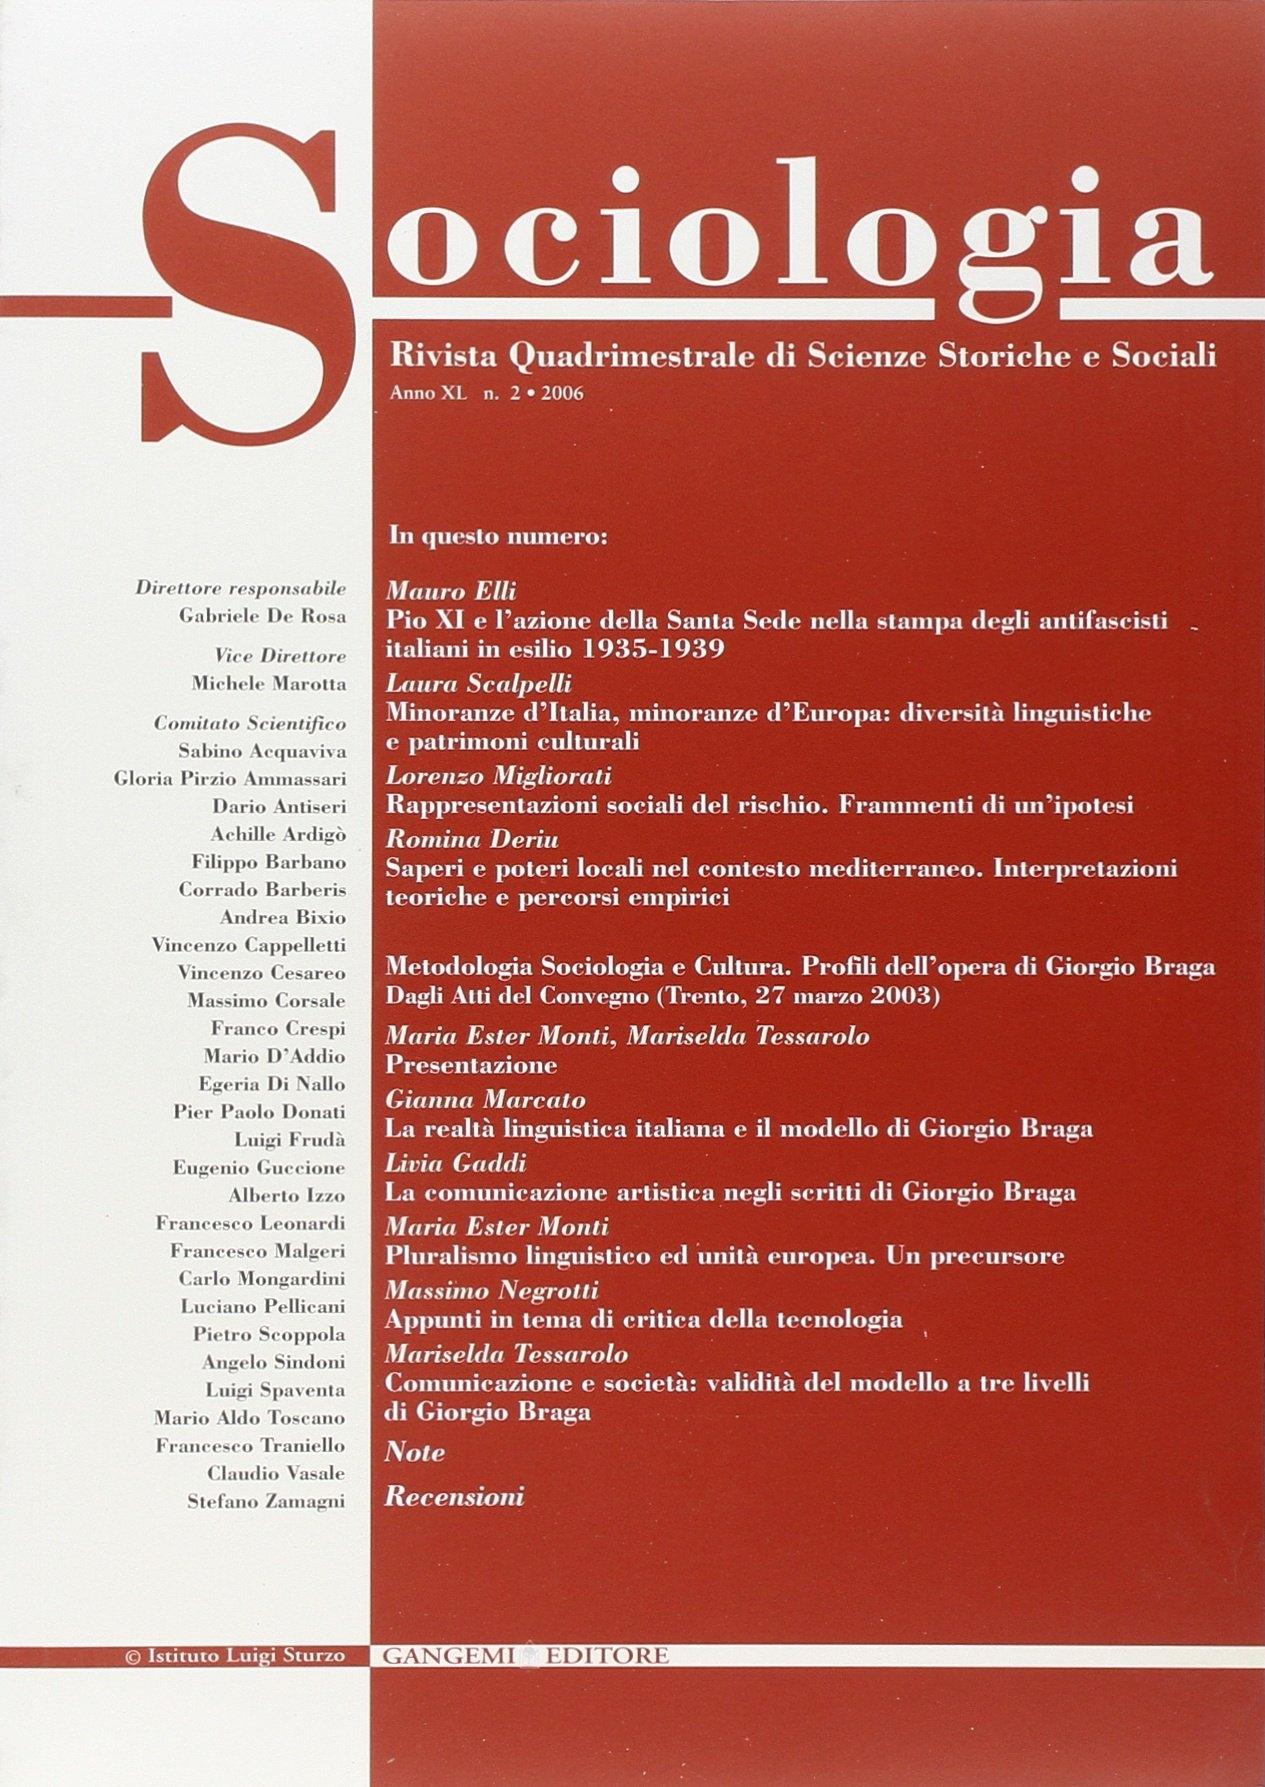 Sociologia. Rivista quadrimestrale di scienze storiche e sociali (2006). Vol. 2